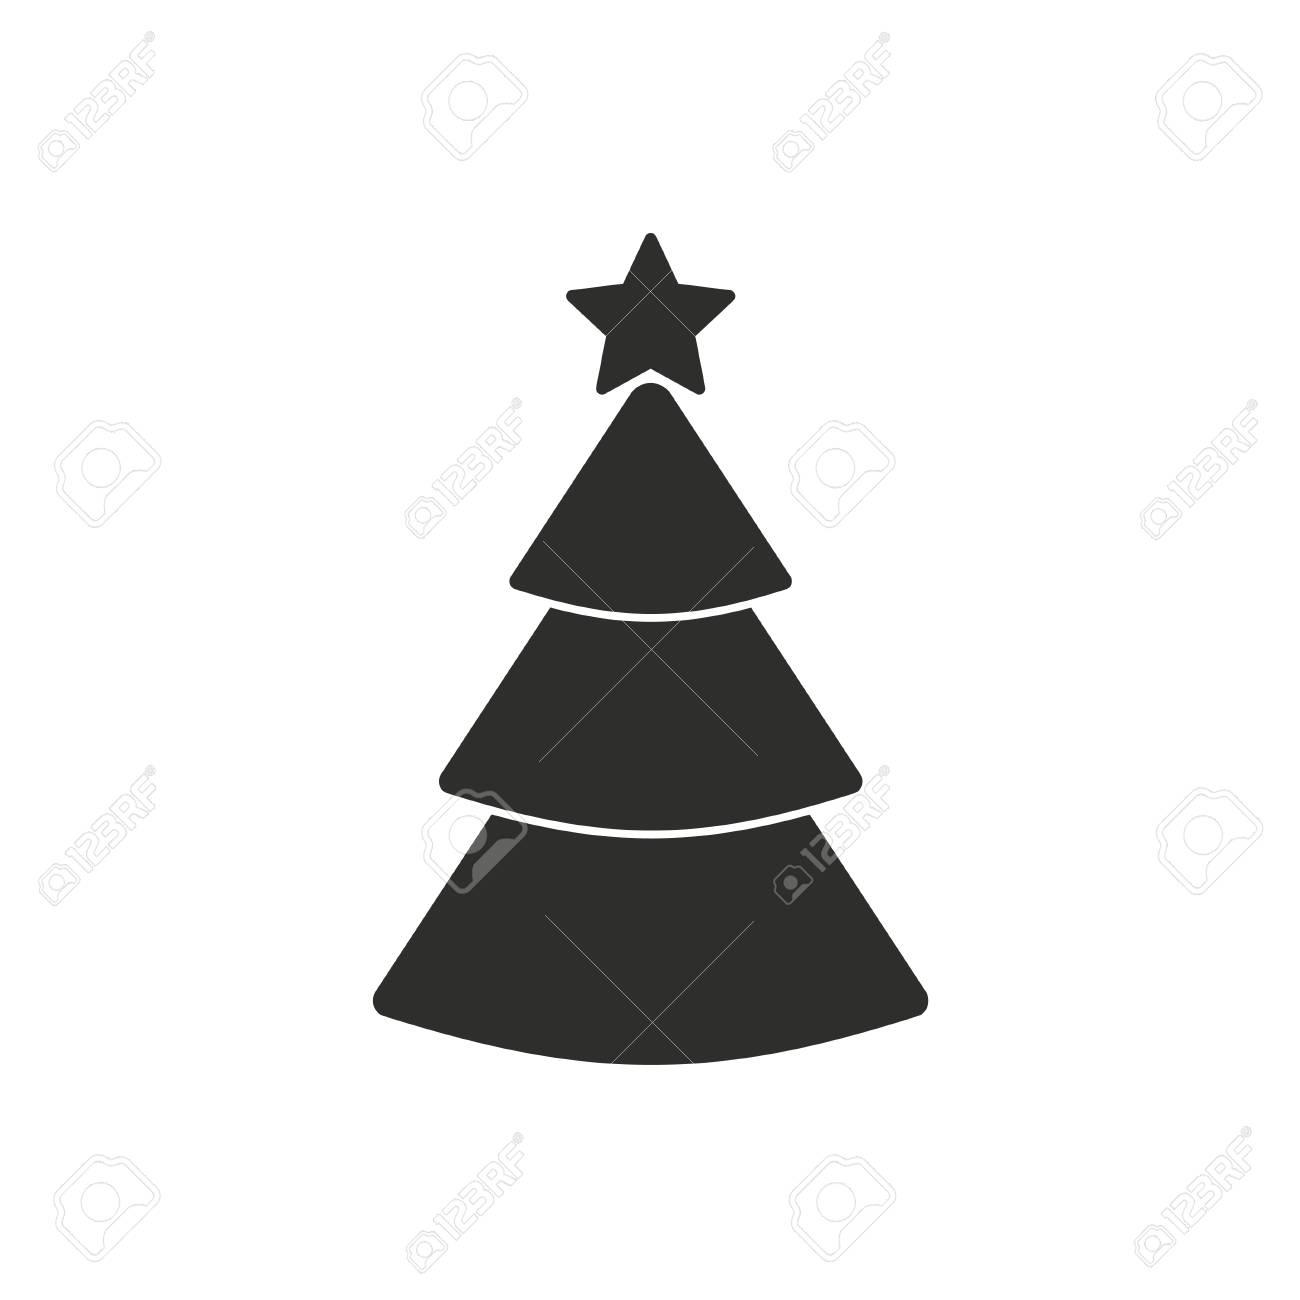 Immagini Dell Albero Di Natale.Icona Dell Albero Di Natale Su Priorita Bassa Bianca Illustrazione Vettoriale